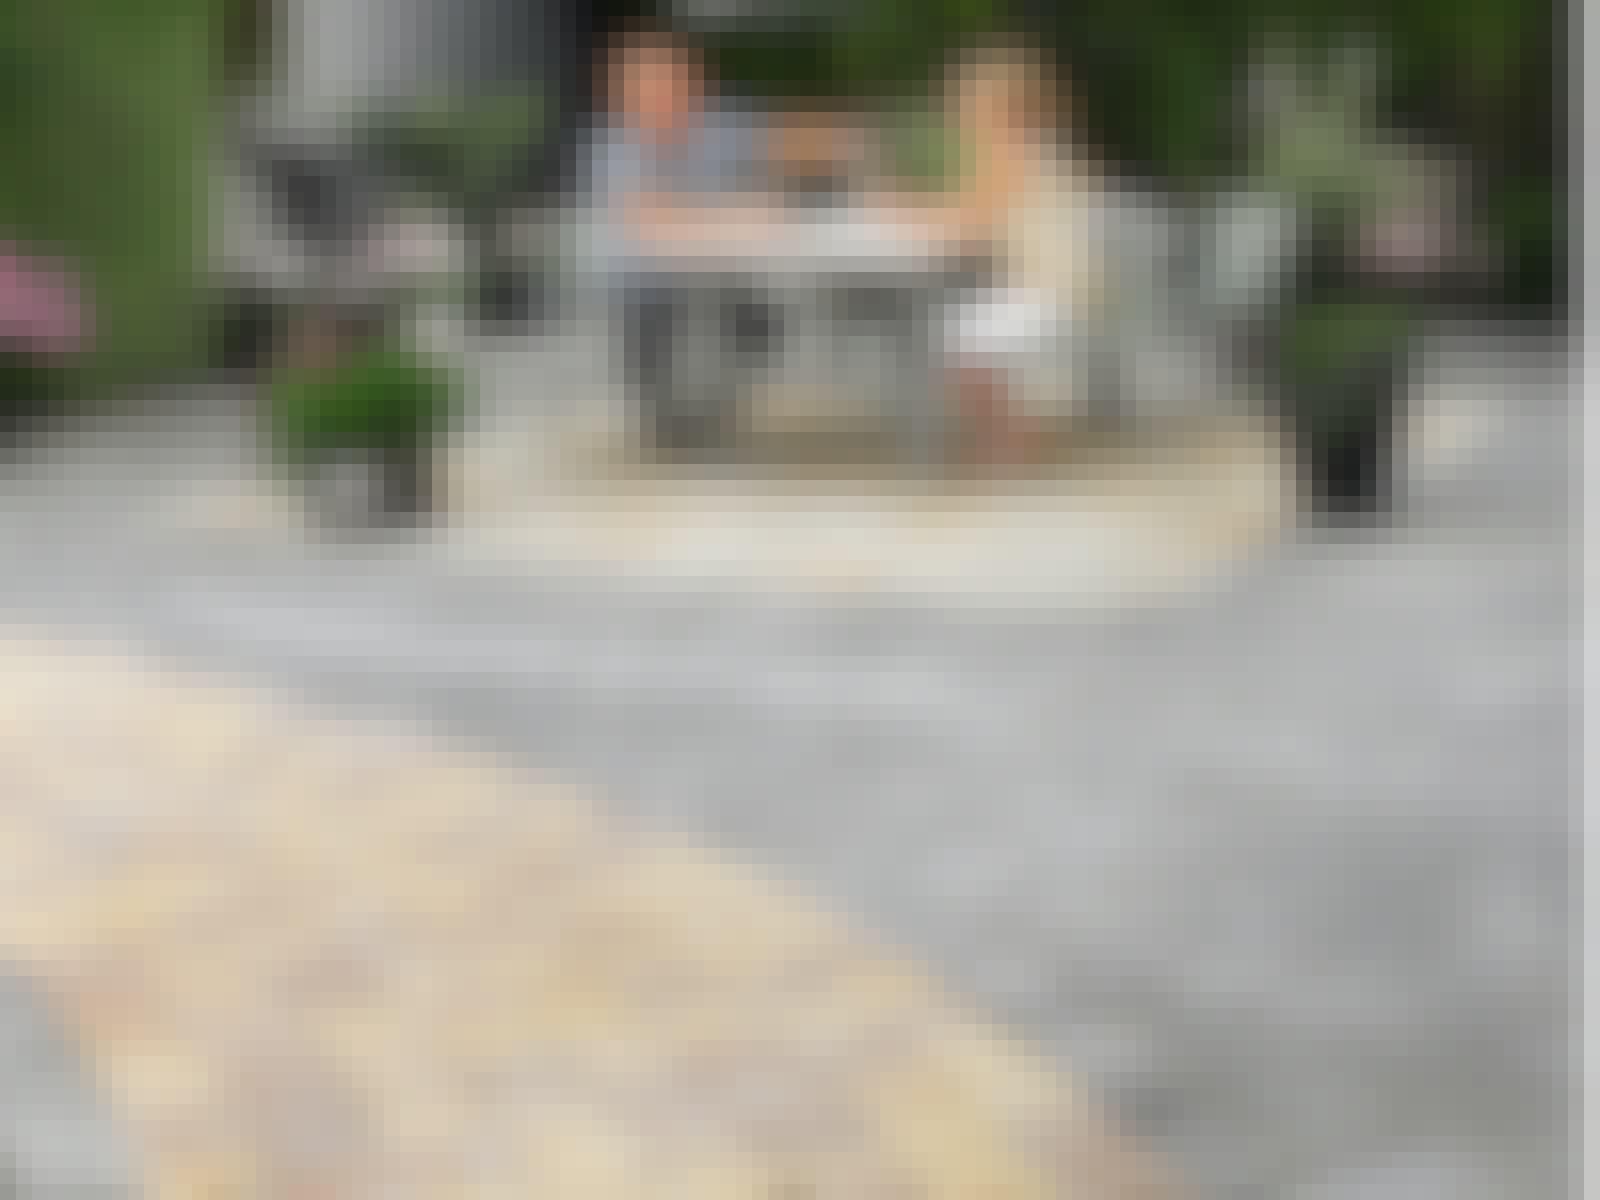 Fliser i gårdhave terrasse flisemønster